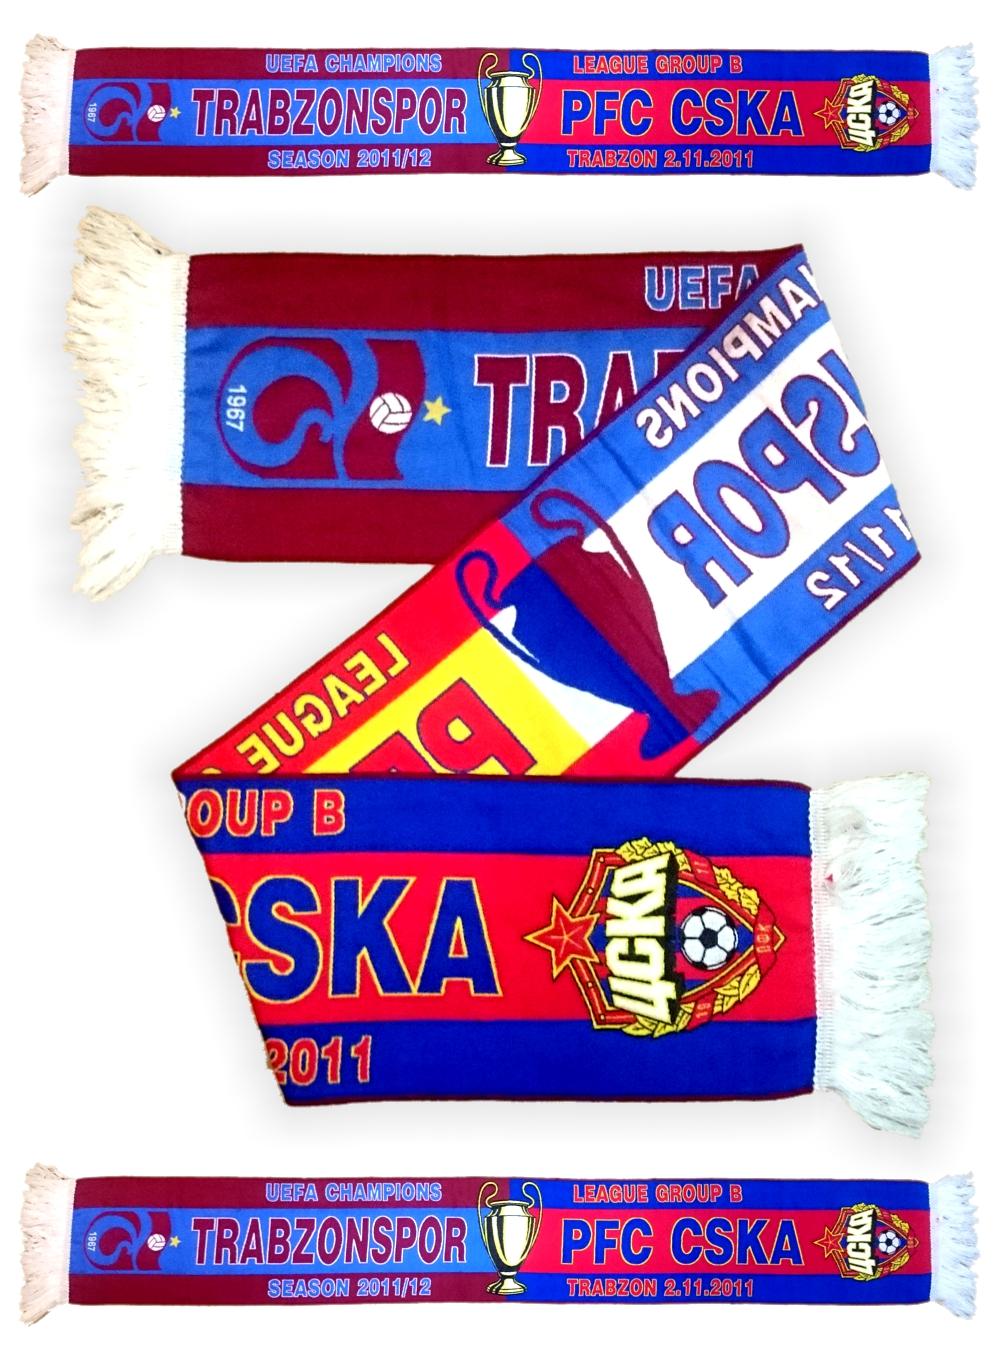 Шарф односторонний ЛЧ 2011-12 Trabzonspor-PFC CSKAВязанные шарфы<br>Шарф односторонний ЛЧ 2011-12 Trabzonspor-PFC CSKA<br>